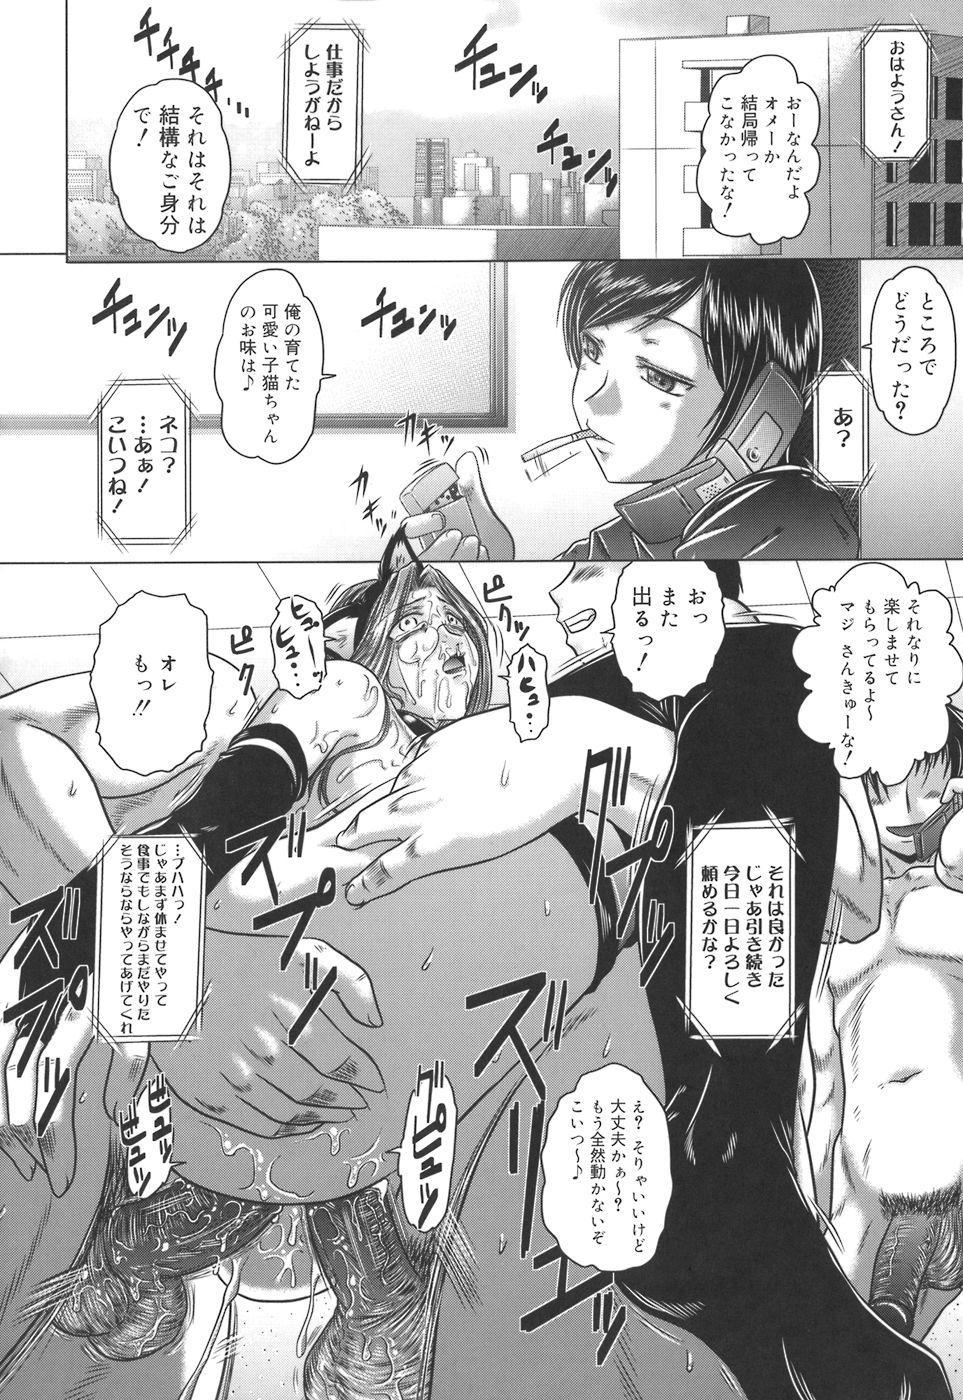 Iroka no Himitsu 114